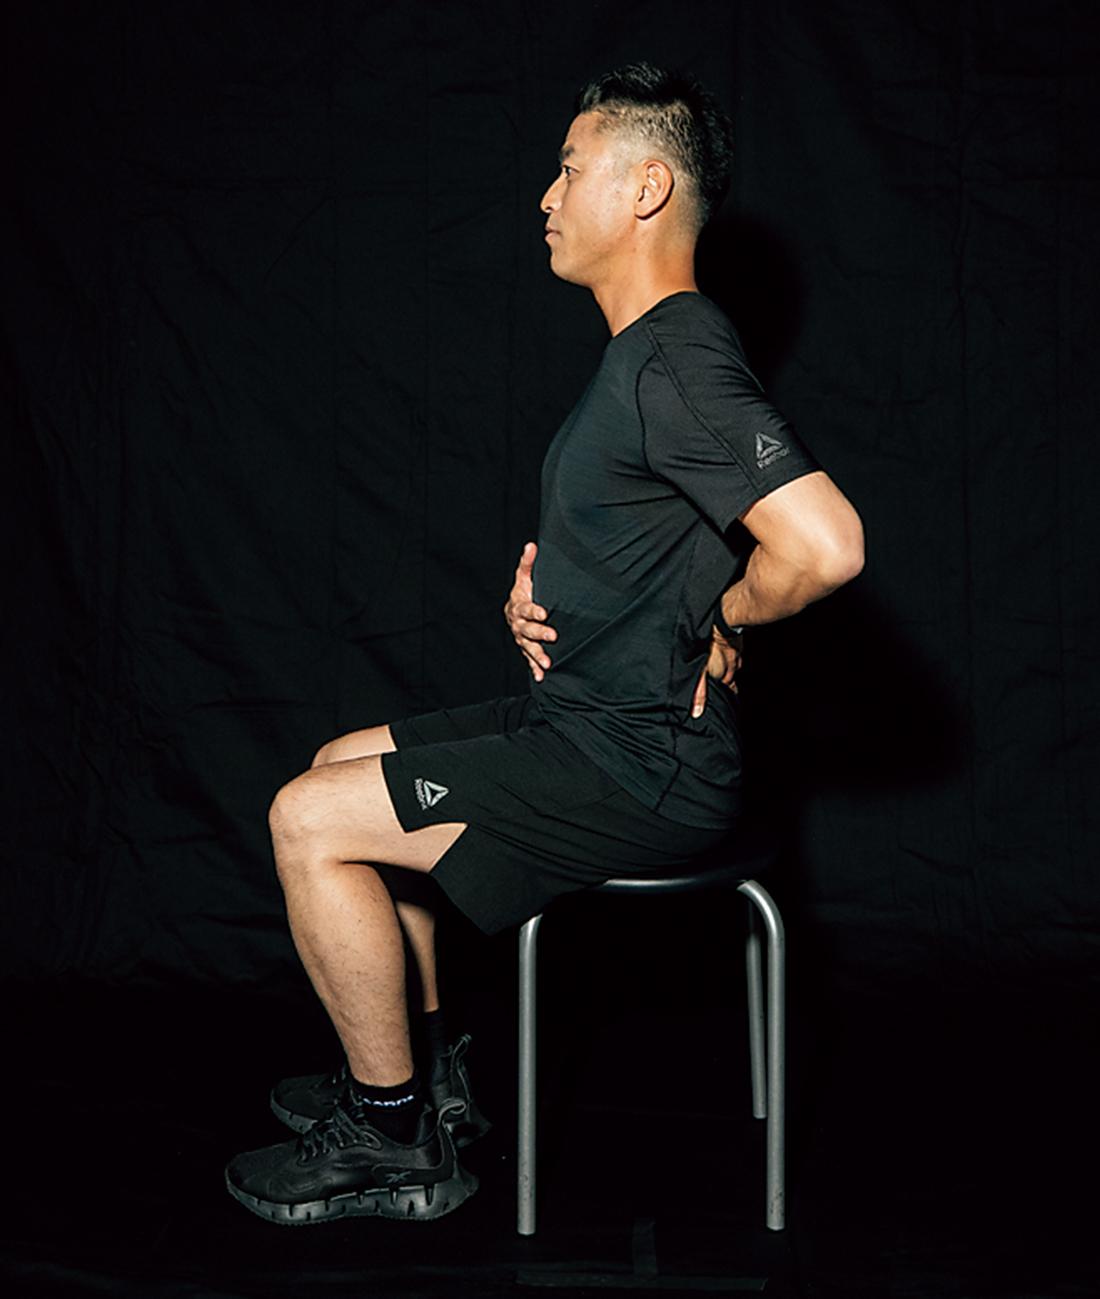 ◎ POINT 腹部前面だけでなく、背中1~2分や脇腹も360度風船のように膨らませるイメージで。